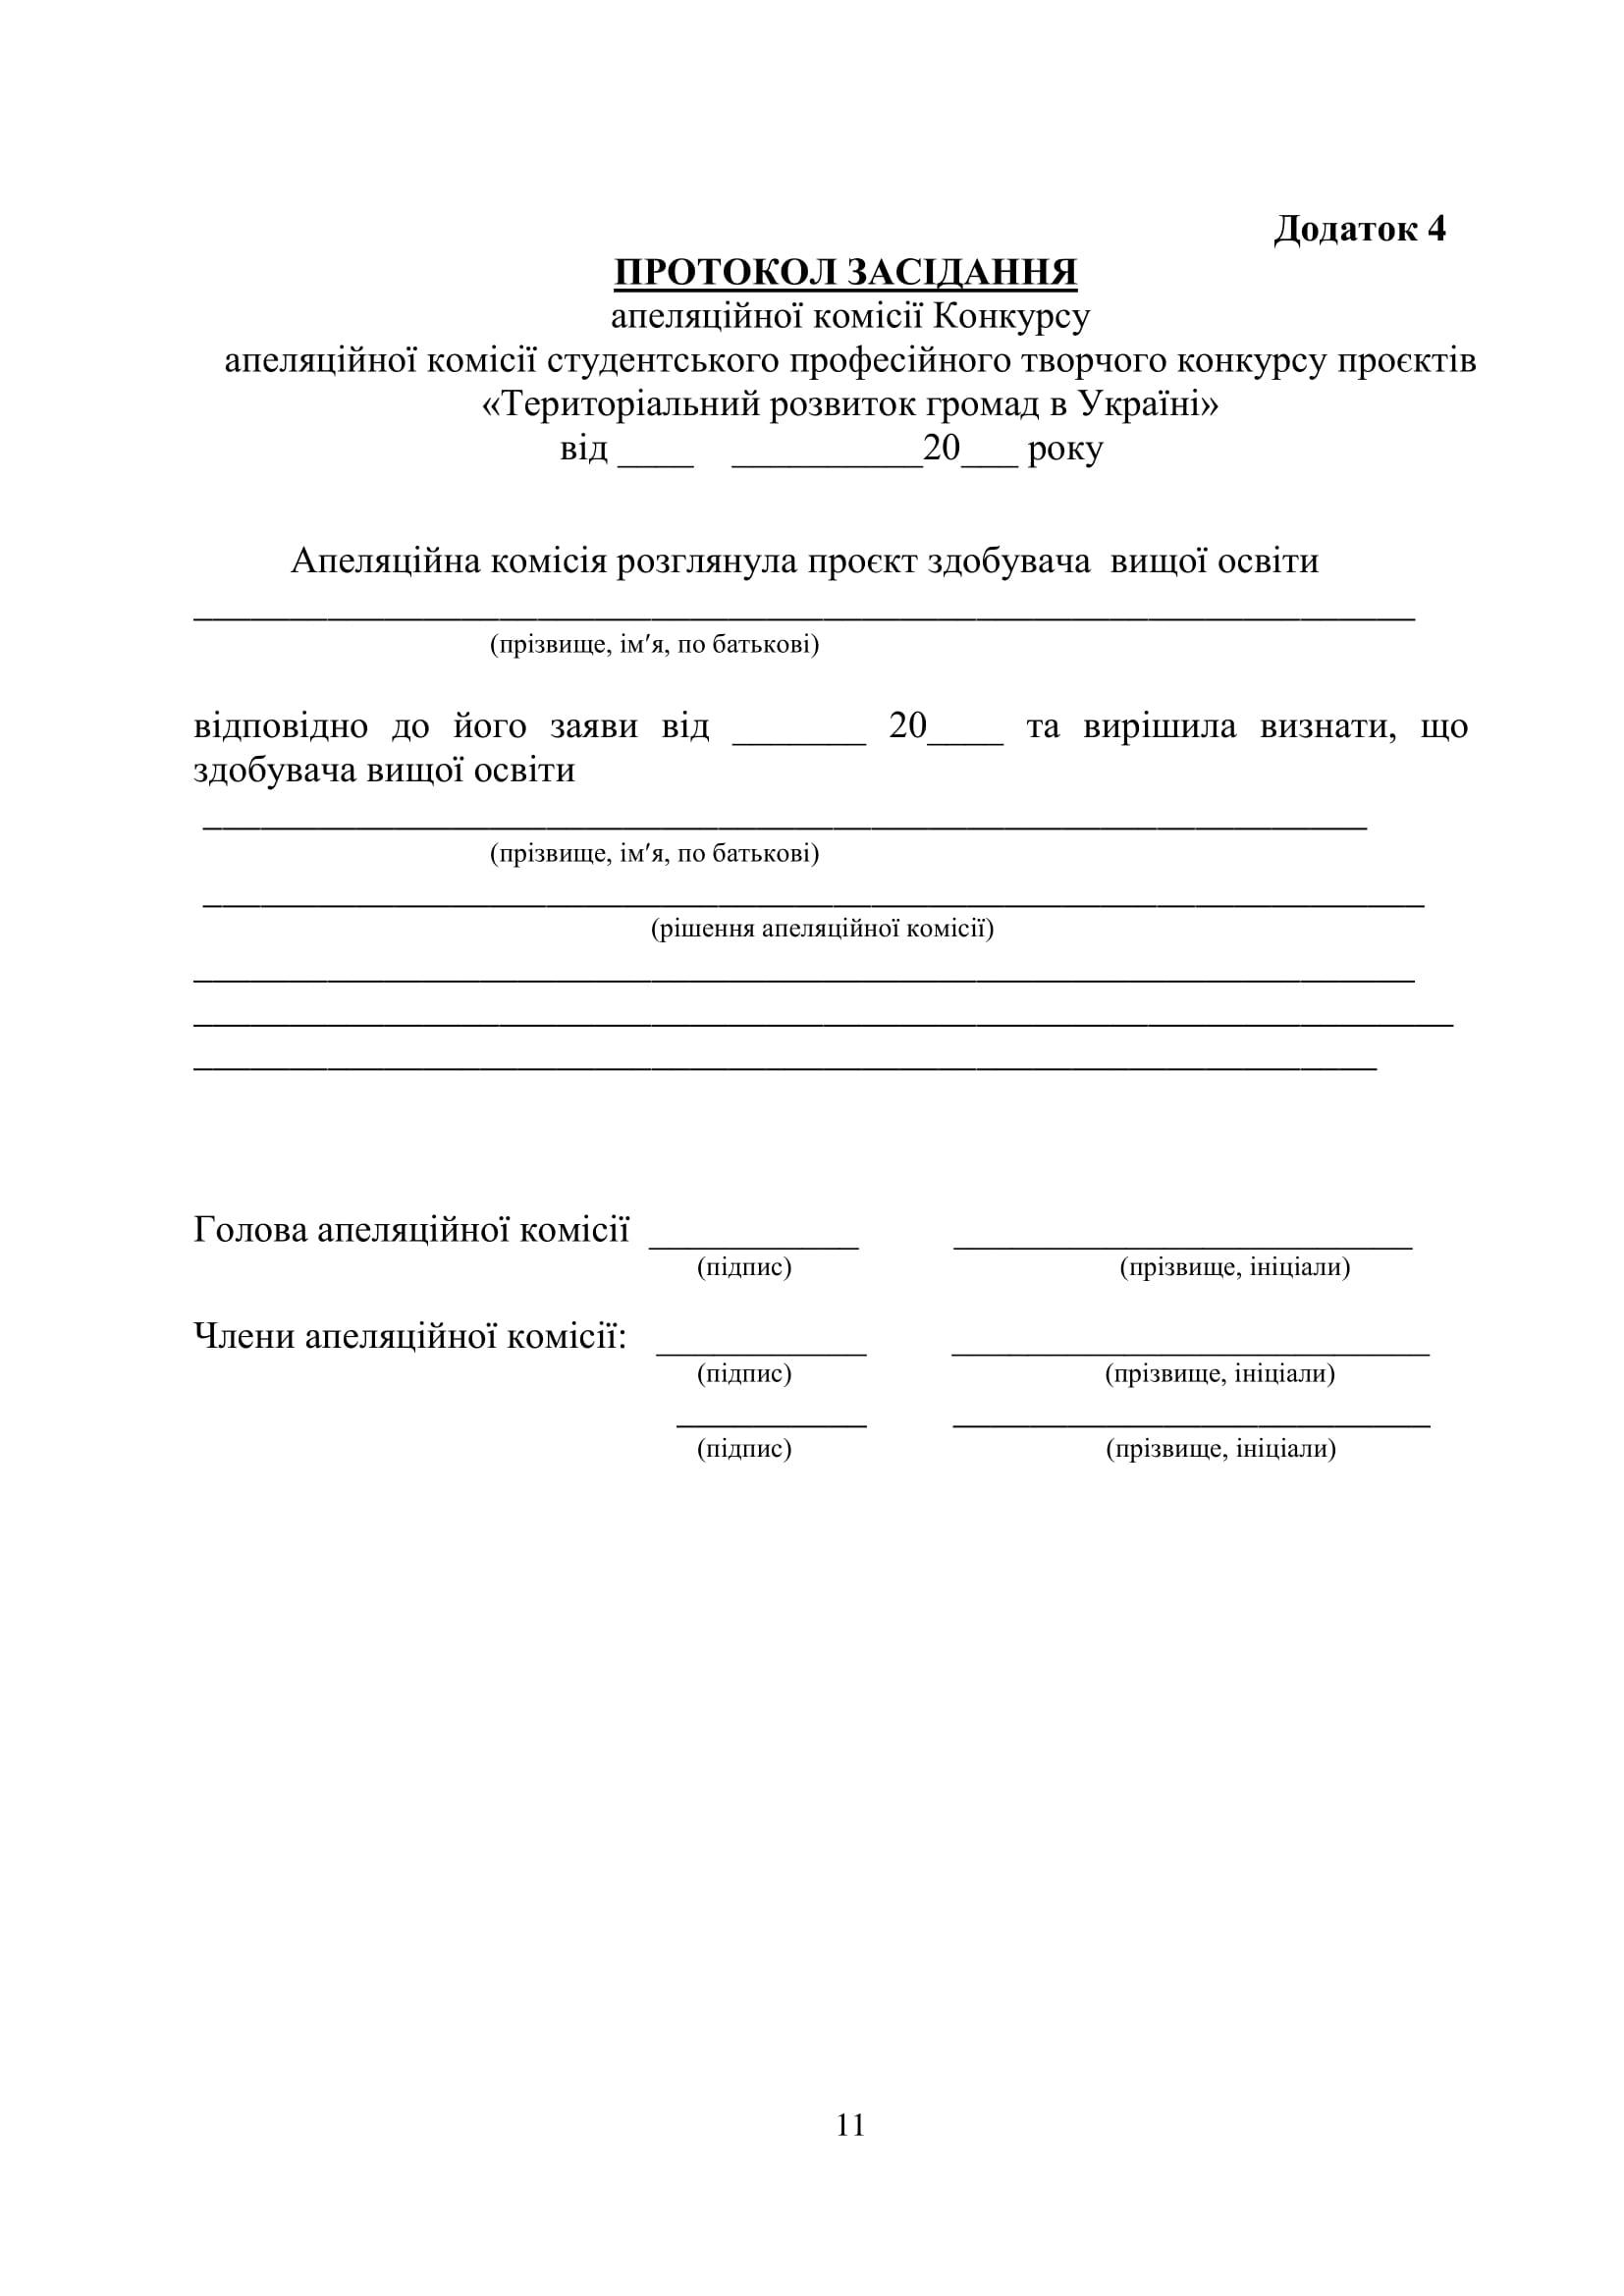 Всеукраїнський студентський професійний творчий конкурс проєктів «Територіальний розвиток громад в Україні»